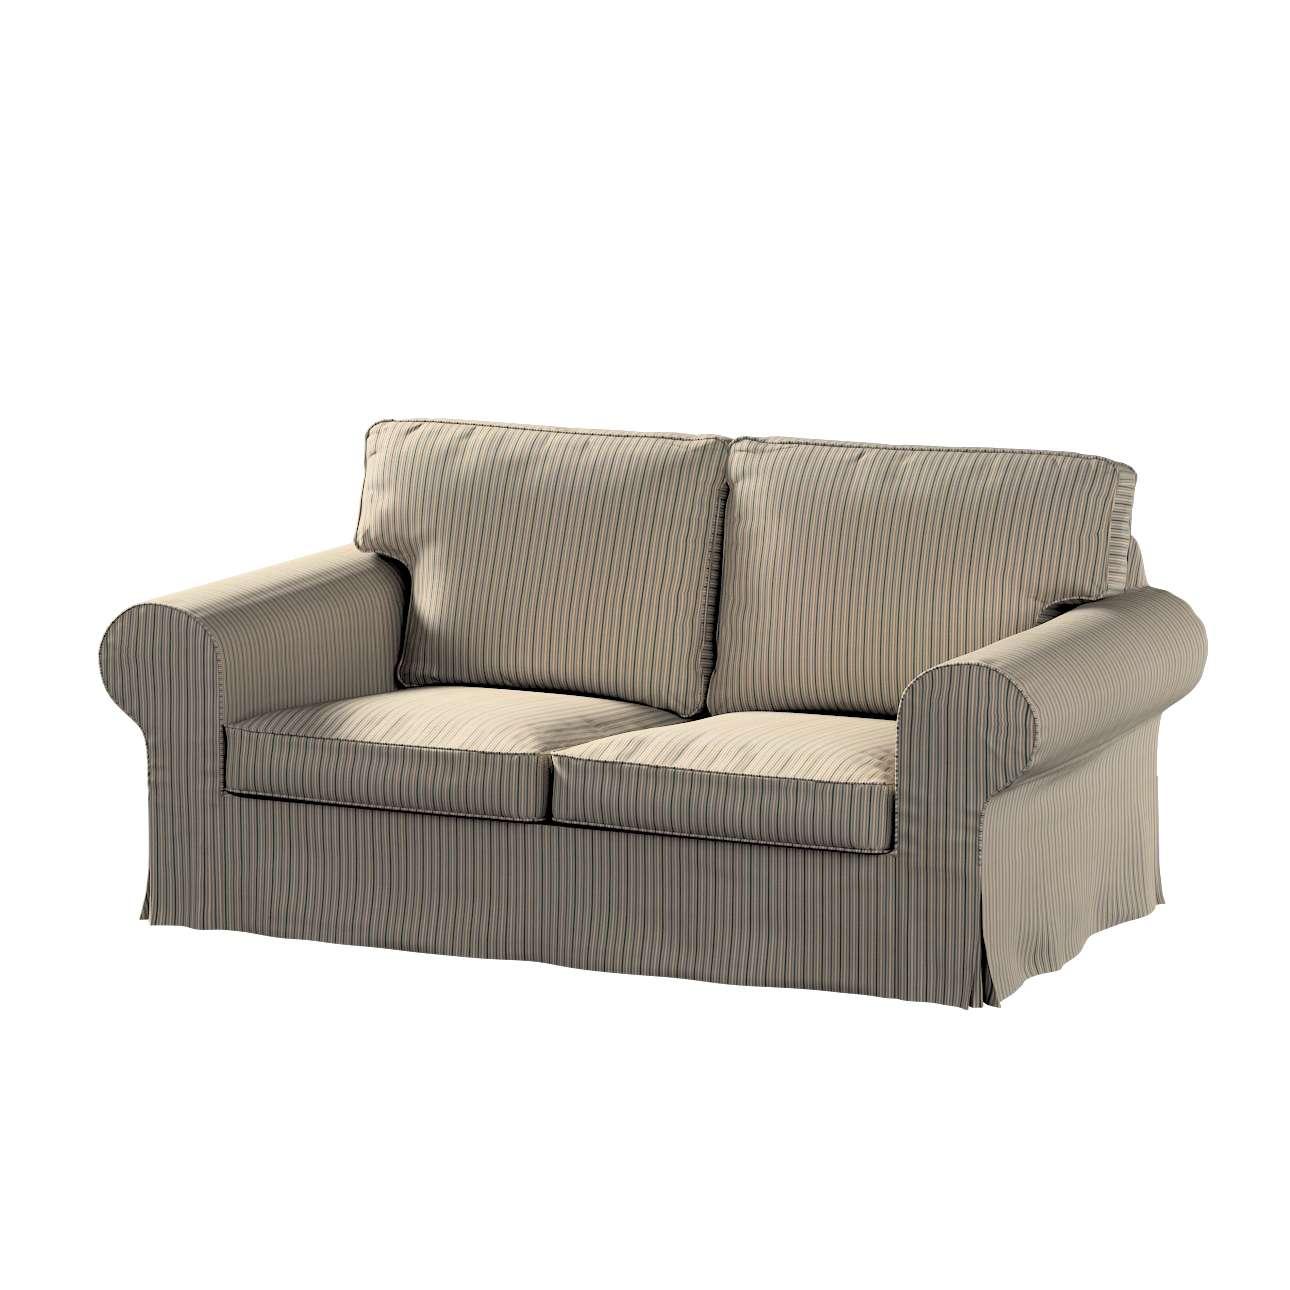 Poťah na sedačku Ektorp (rozkladacia, pre 2 osoby) NOVÝ MODEL 2012 V kolekcii Londres, tkanina: 143-38